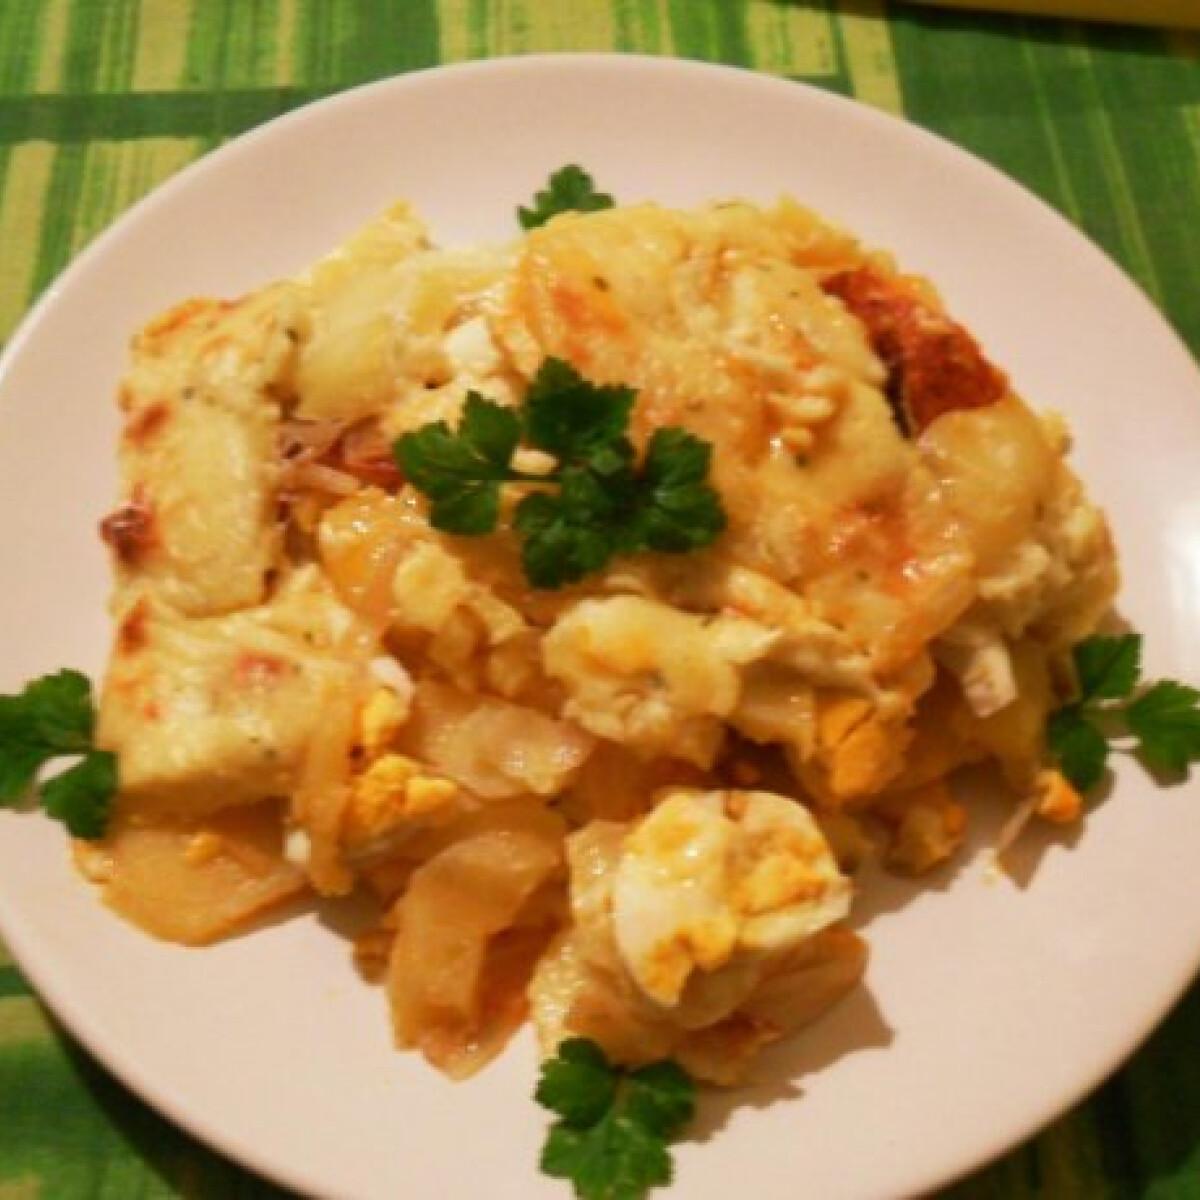 Krémes rakott krumpli Salamon Csillától